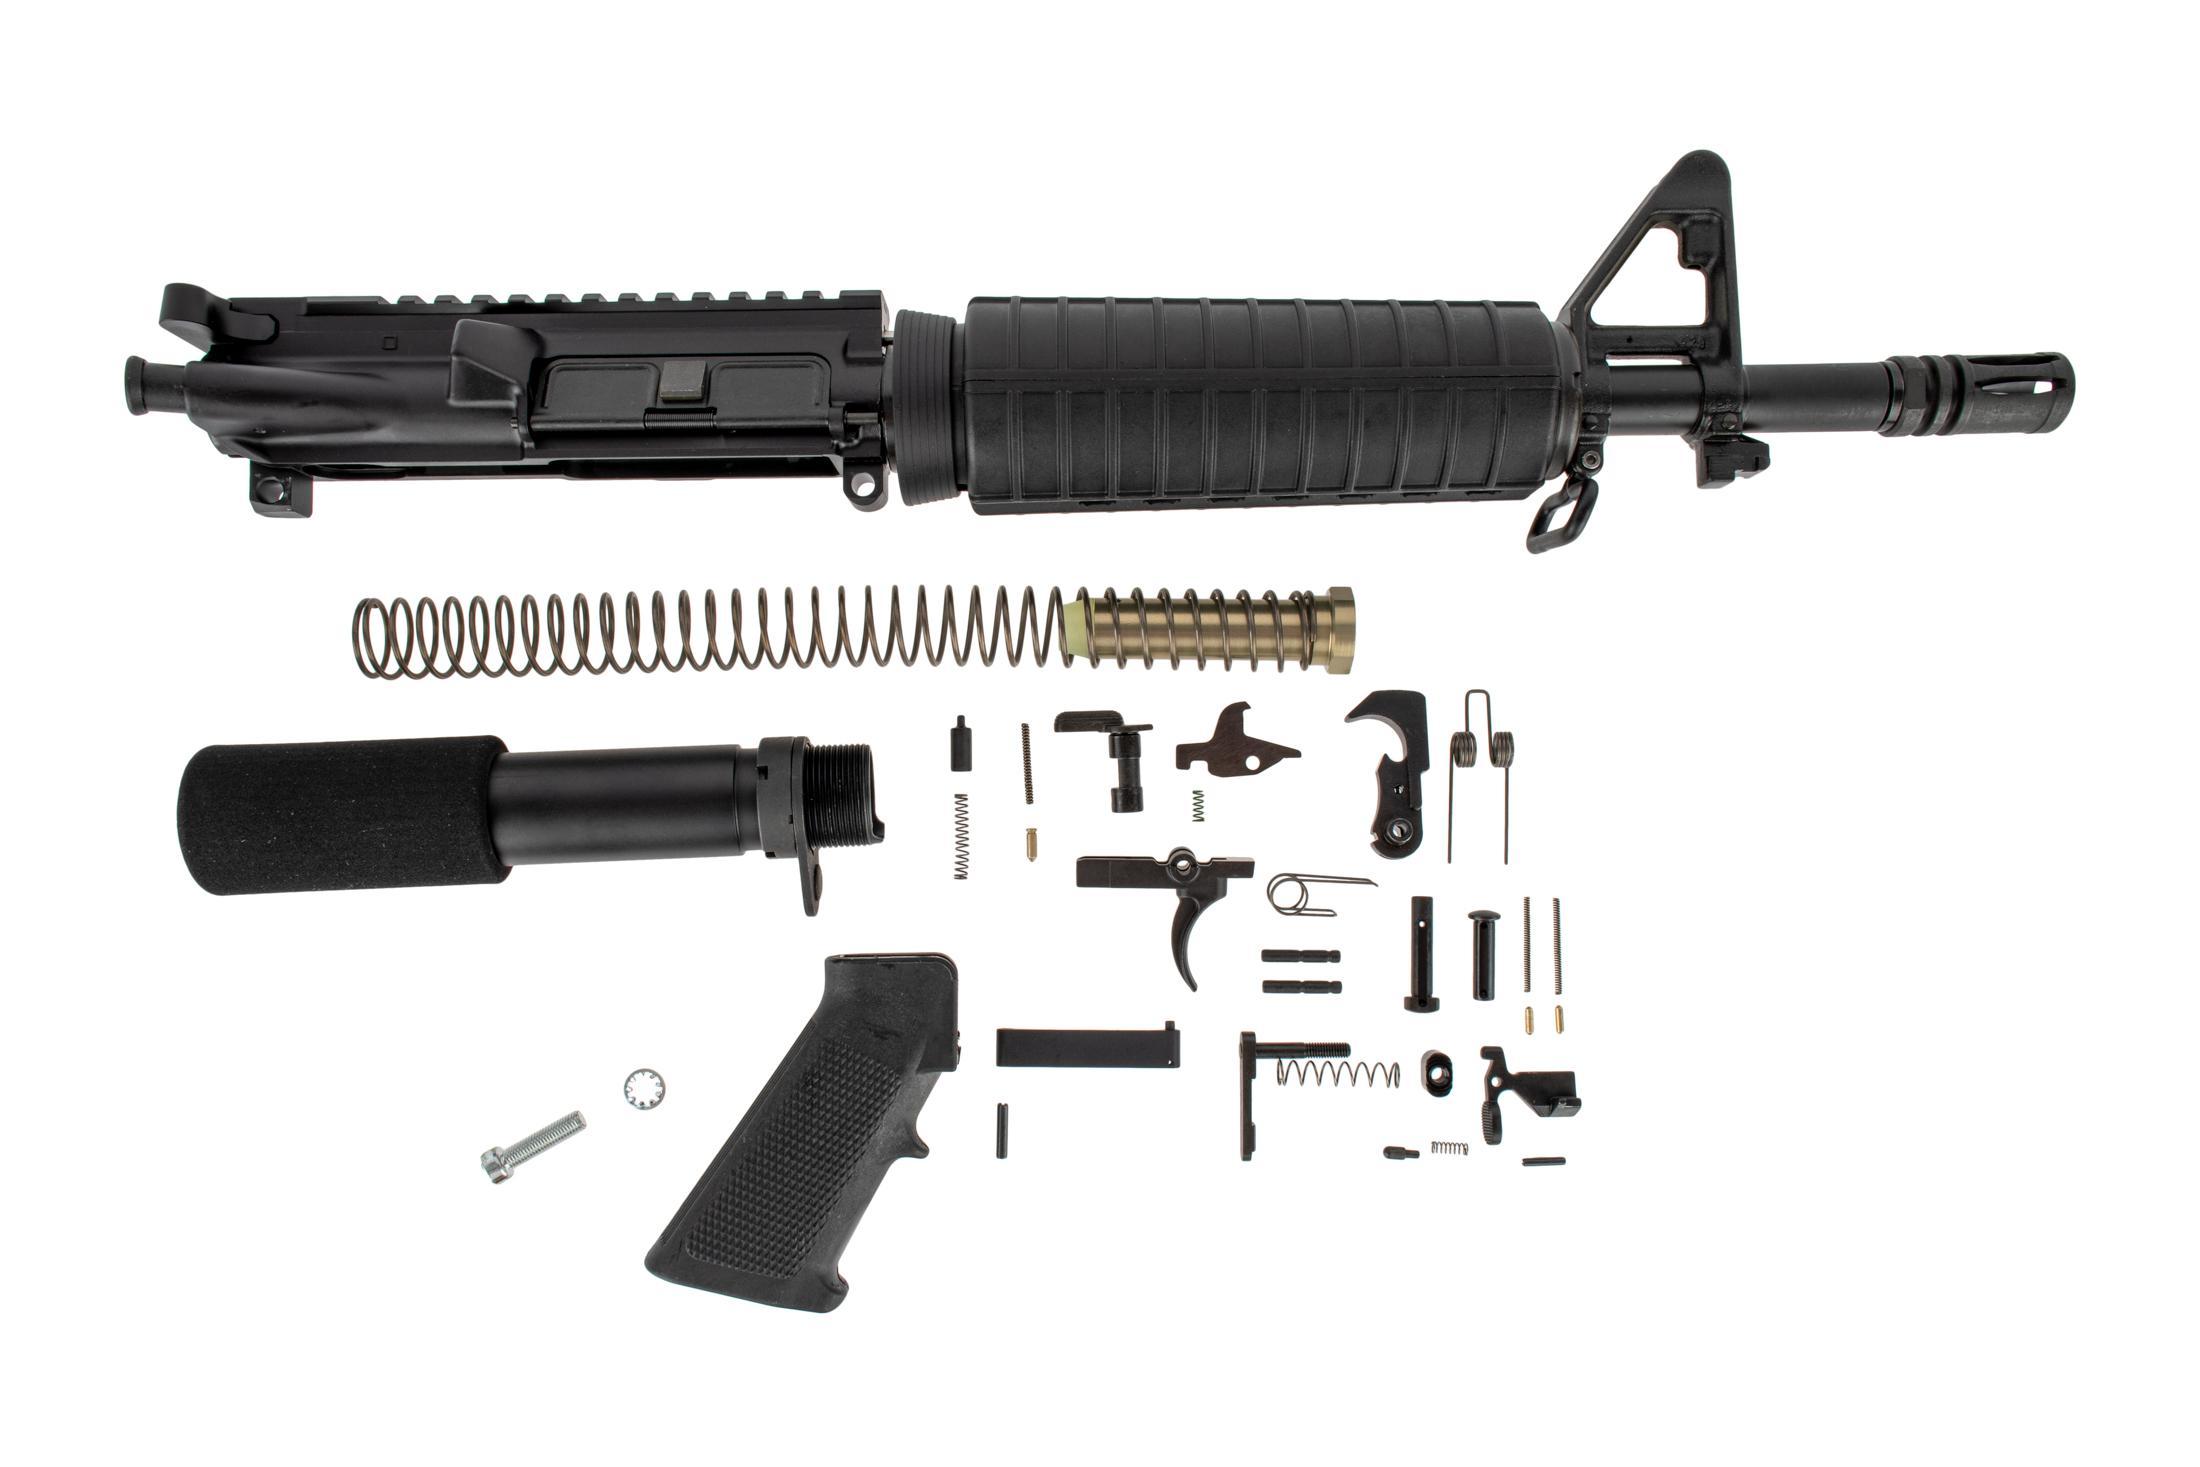 Del-Ton 5 56 M4 Pistol Kit - 11 5